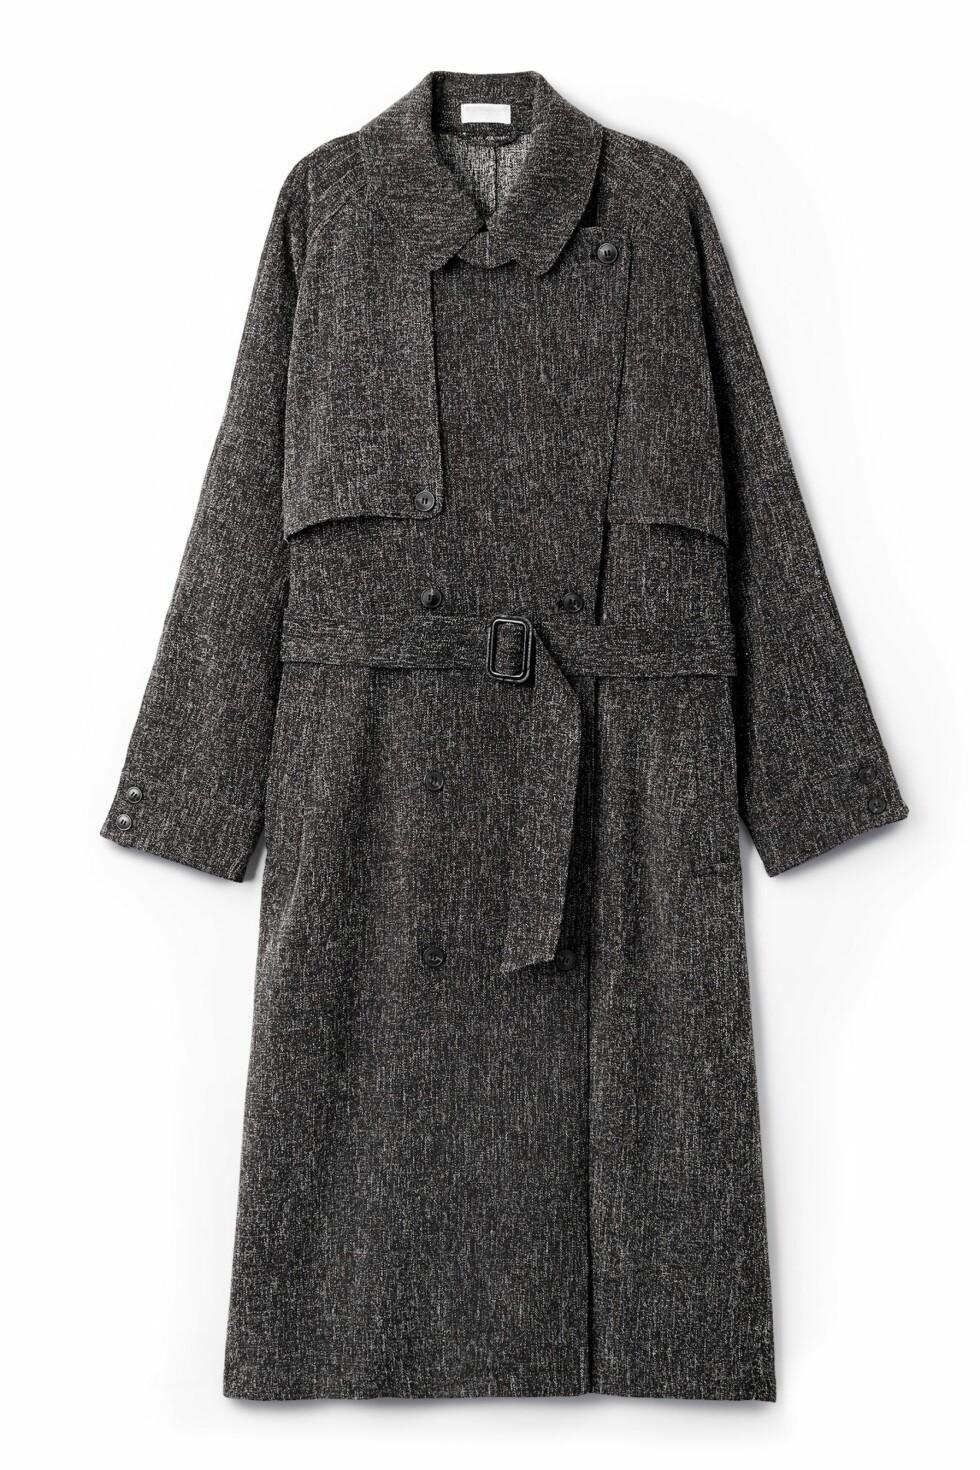 Kåpe fra Weekday | kr 500 | http://shop.weekday.com/se/Womens_shop/Sale/All/Lis_Trench_Coat/5453574-8240976.1?image=1328240#c-47958